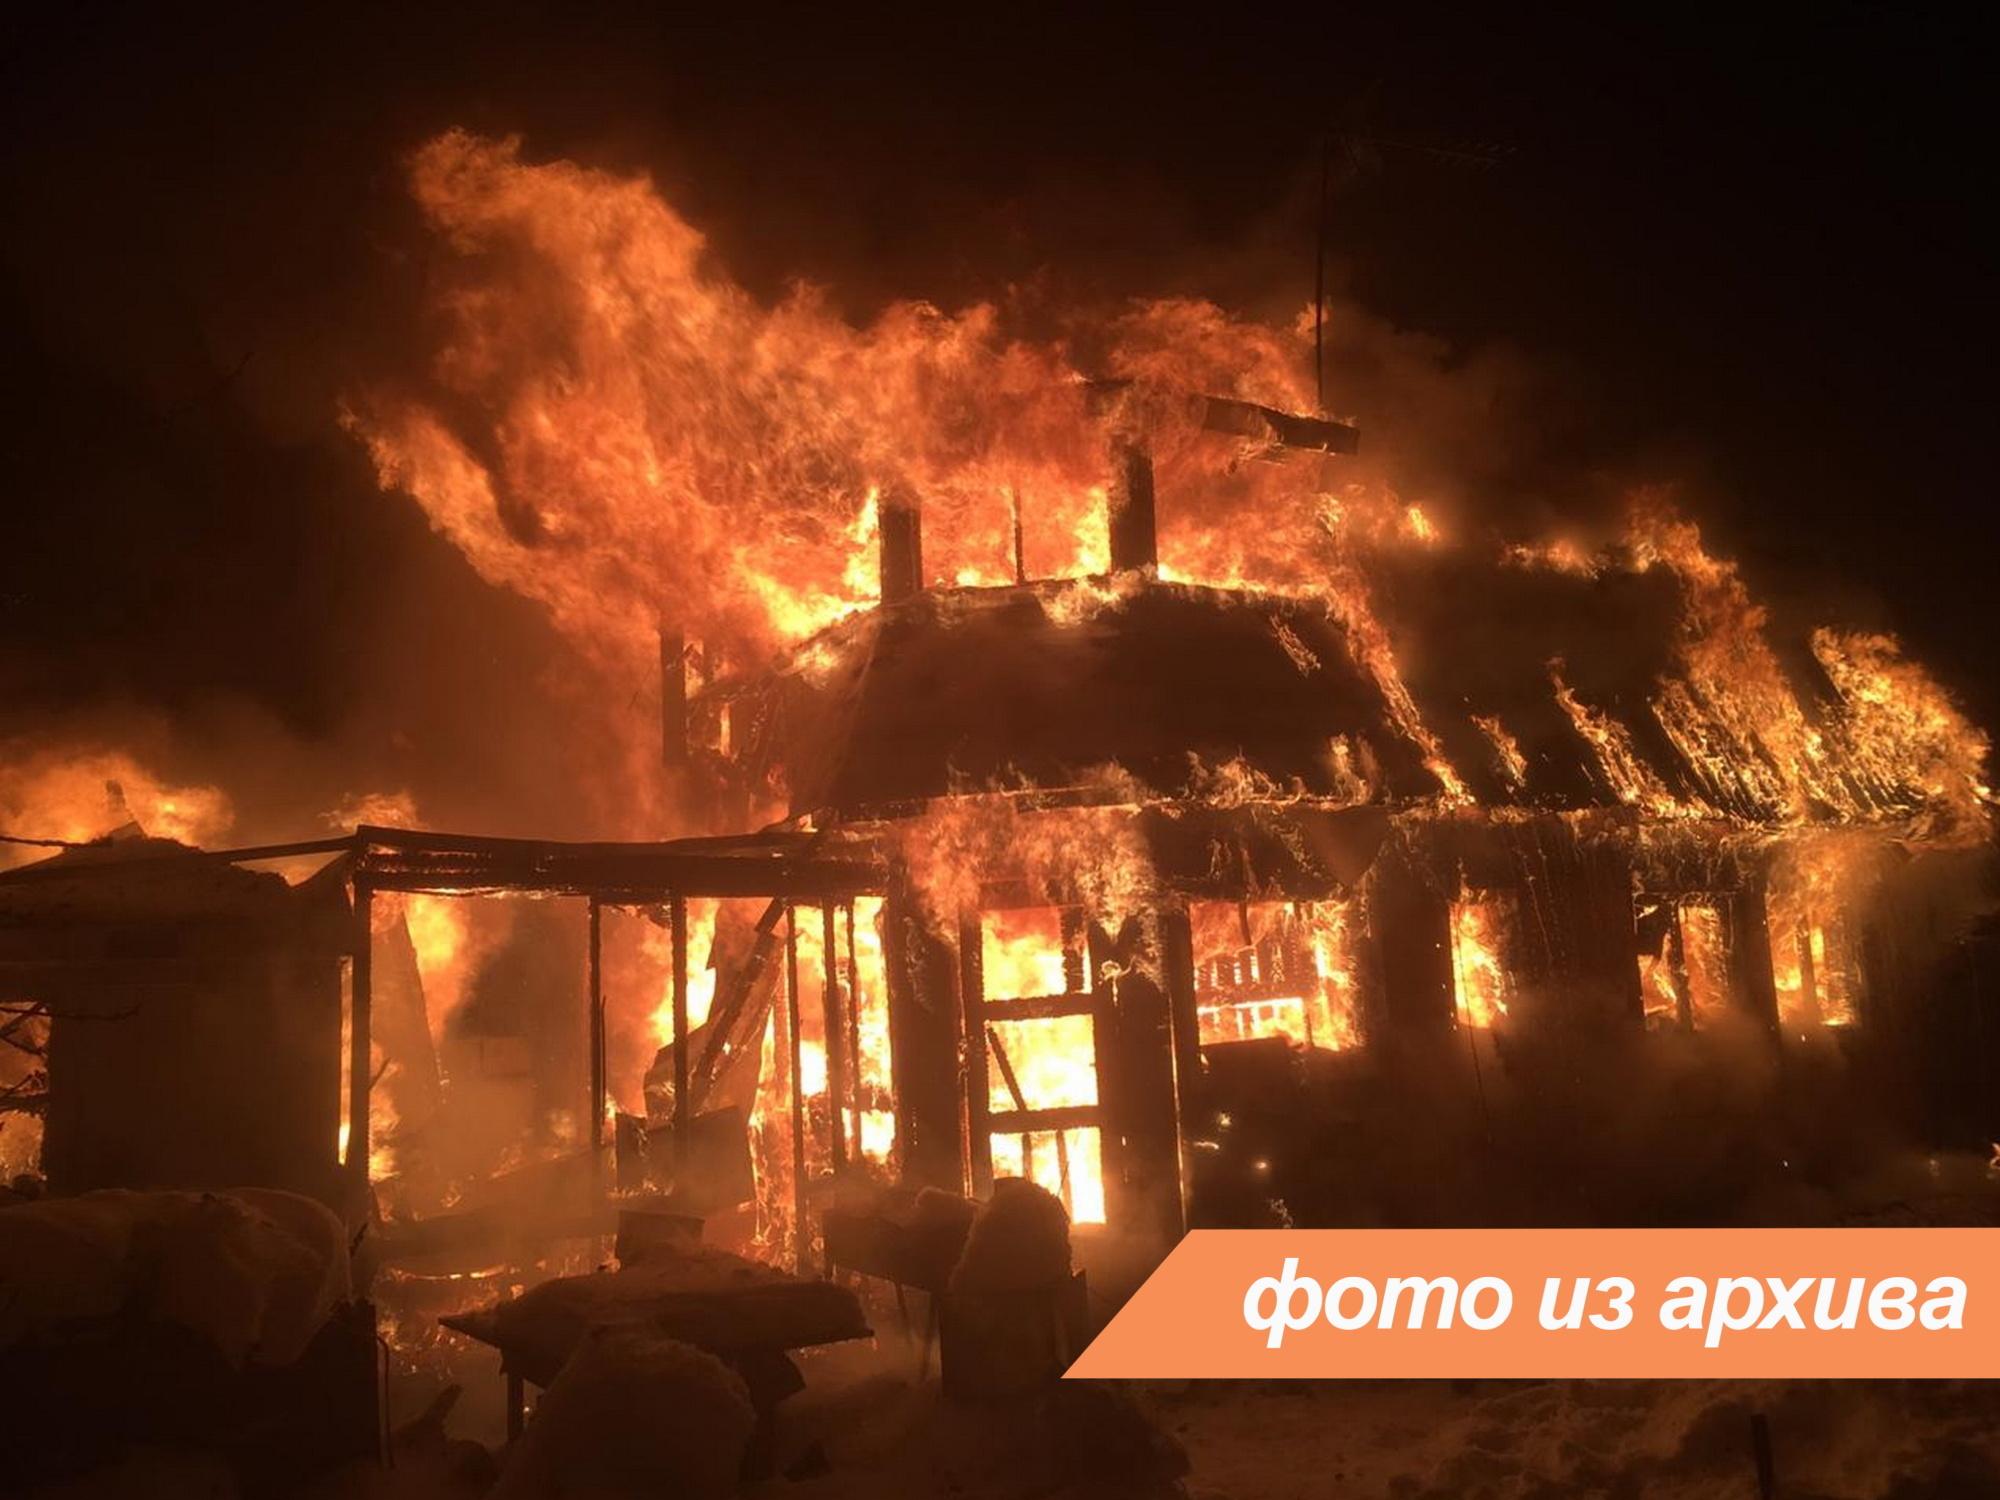 Пожарно-спасательные подразделения ликвидировали пожар в Ломоносовском районе